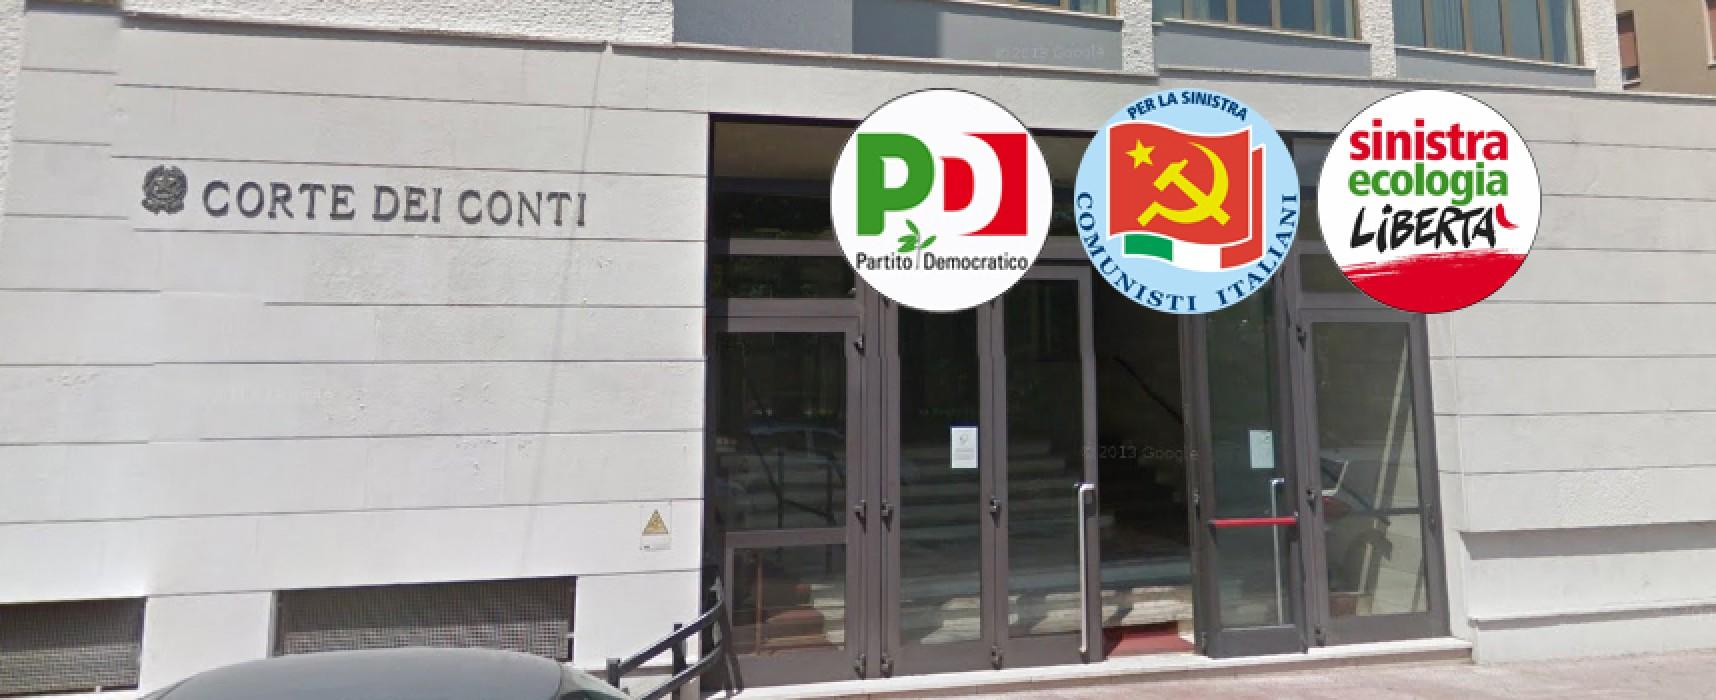 """Pronuncia Corte dei Conti, Sel: """"Sonora bocciatura"""", Pdci: """"Lo dicevamo dal 2011"""", Pd: """"Consiglio comunale monotematico"""""""